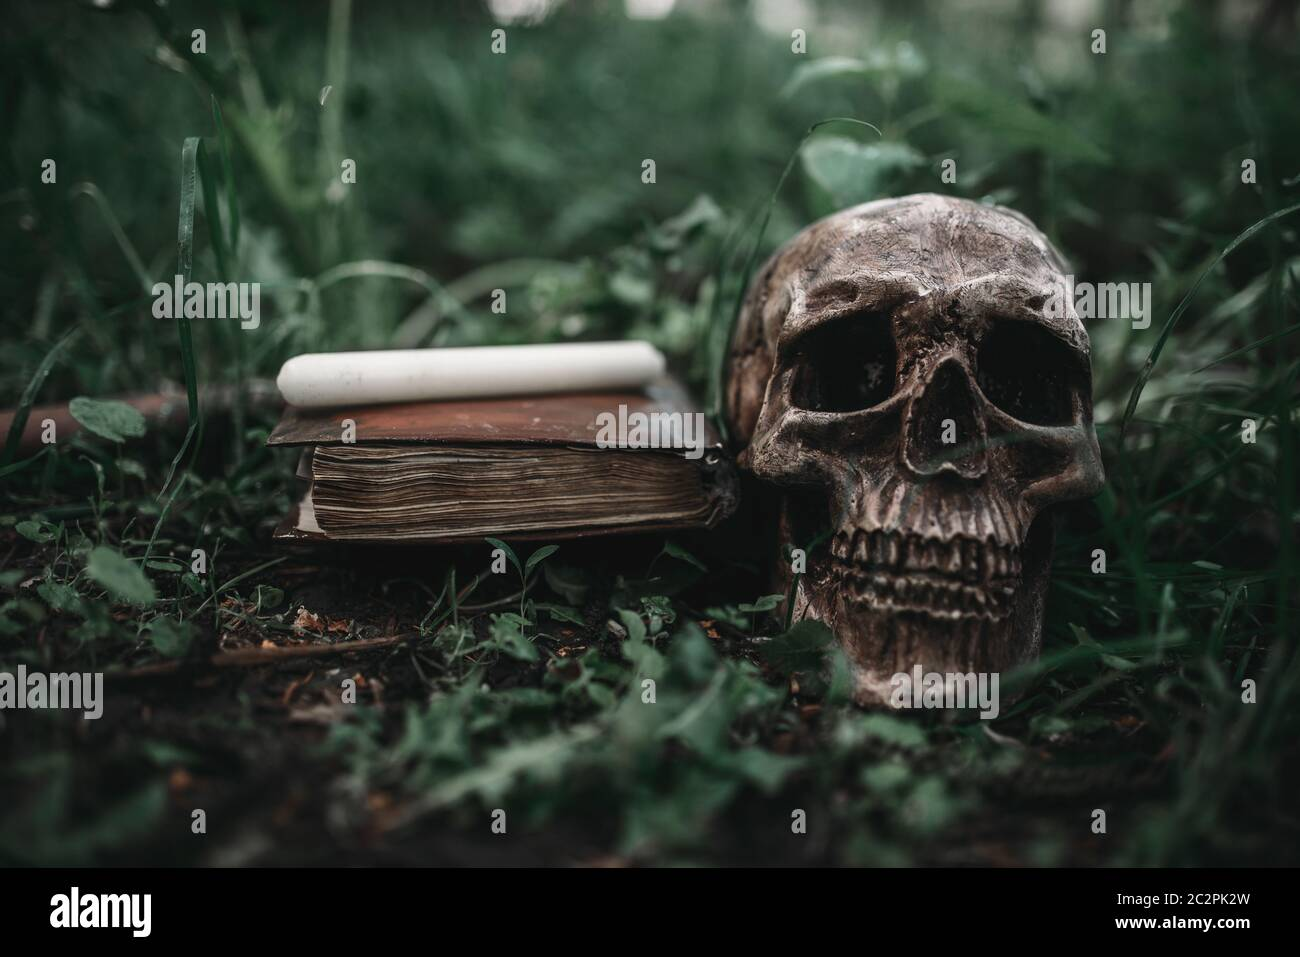 Schwarze Magie Buch mit okkulten Symbolen und menschlicher Schädel auf dem Gras in Wald geöffnet. Exorzismus und übernatürlichen Rituale Stockfoto